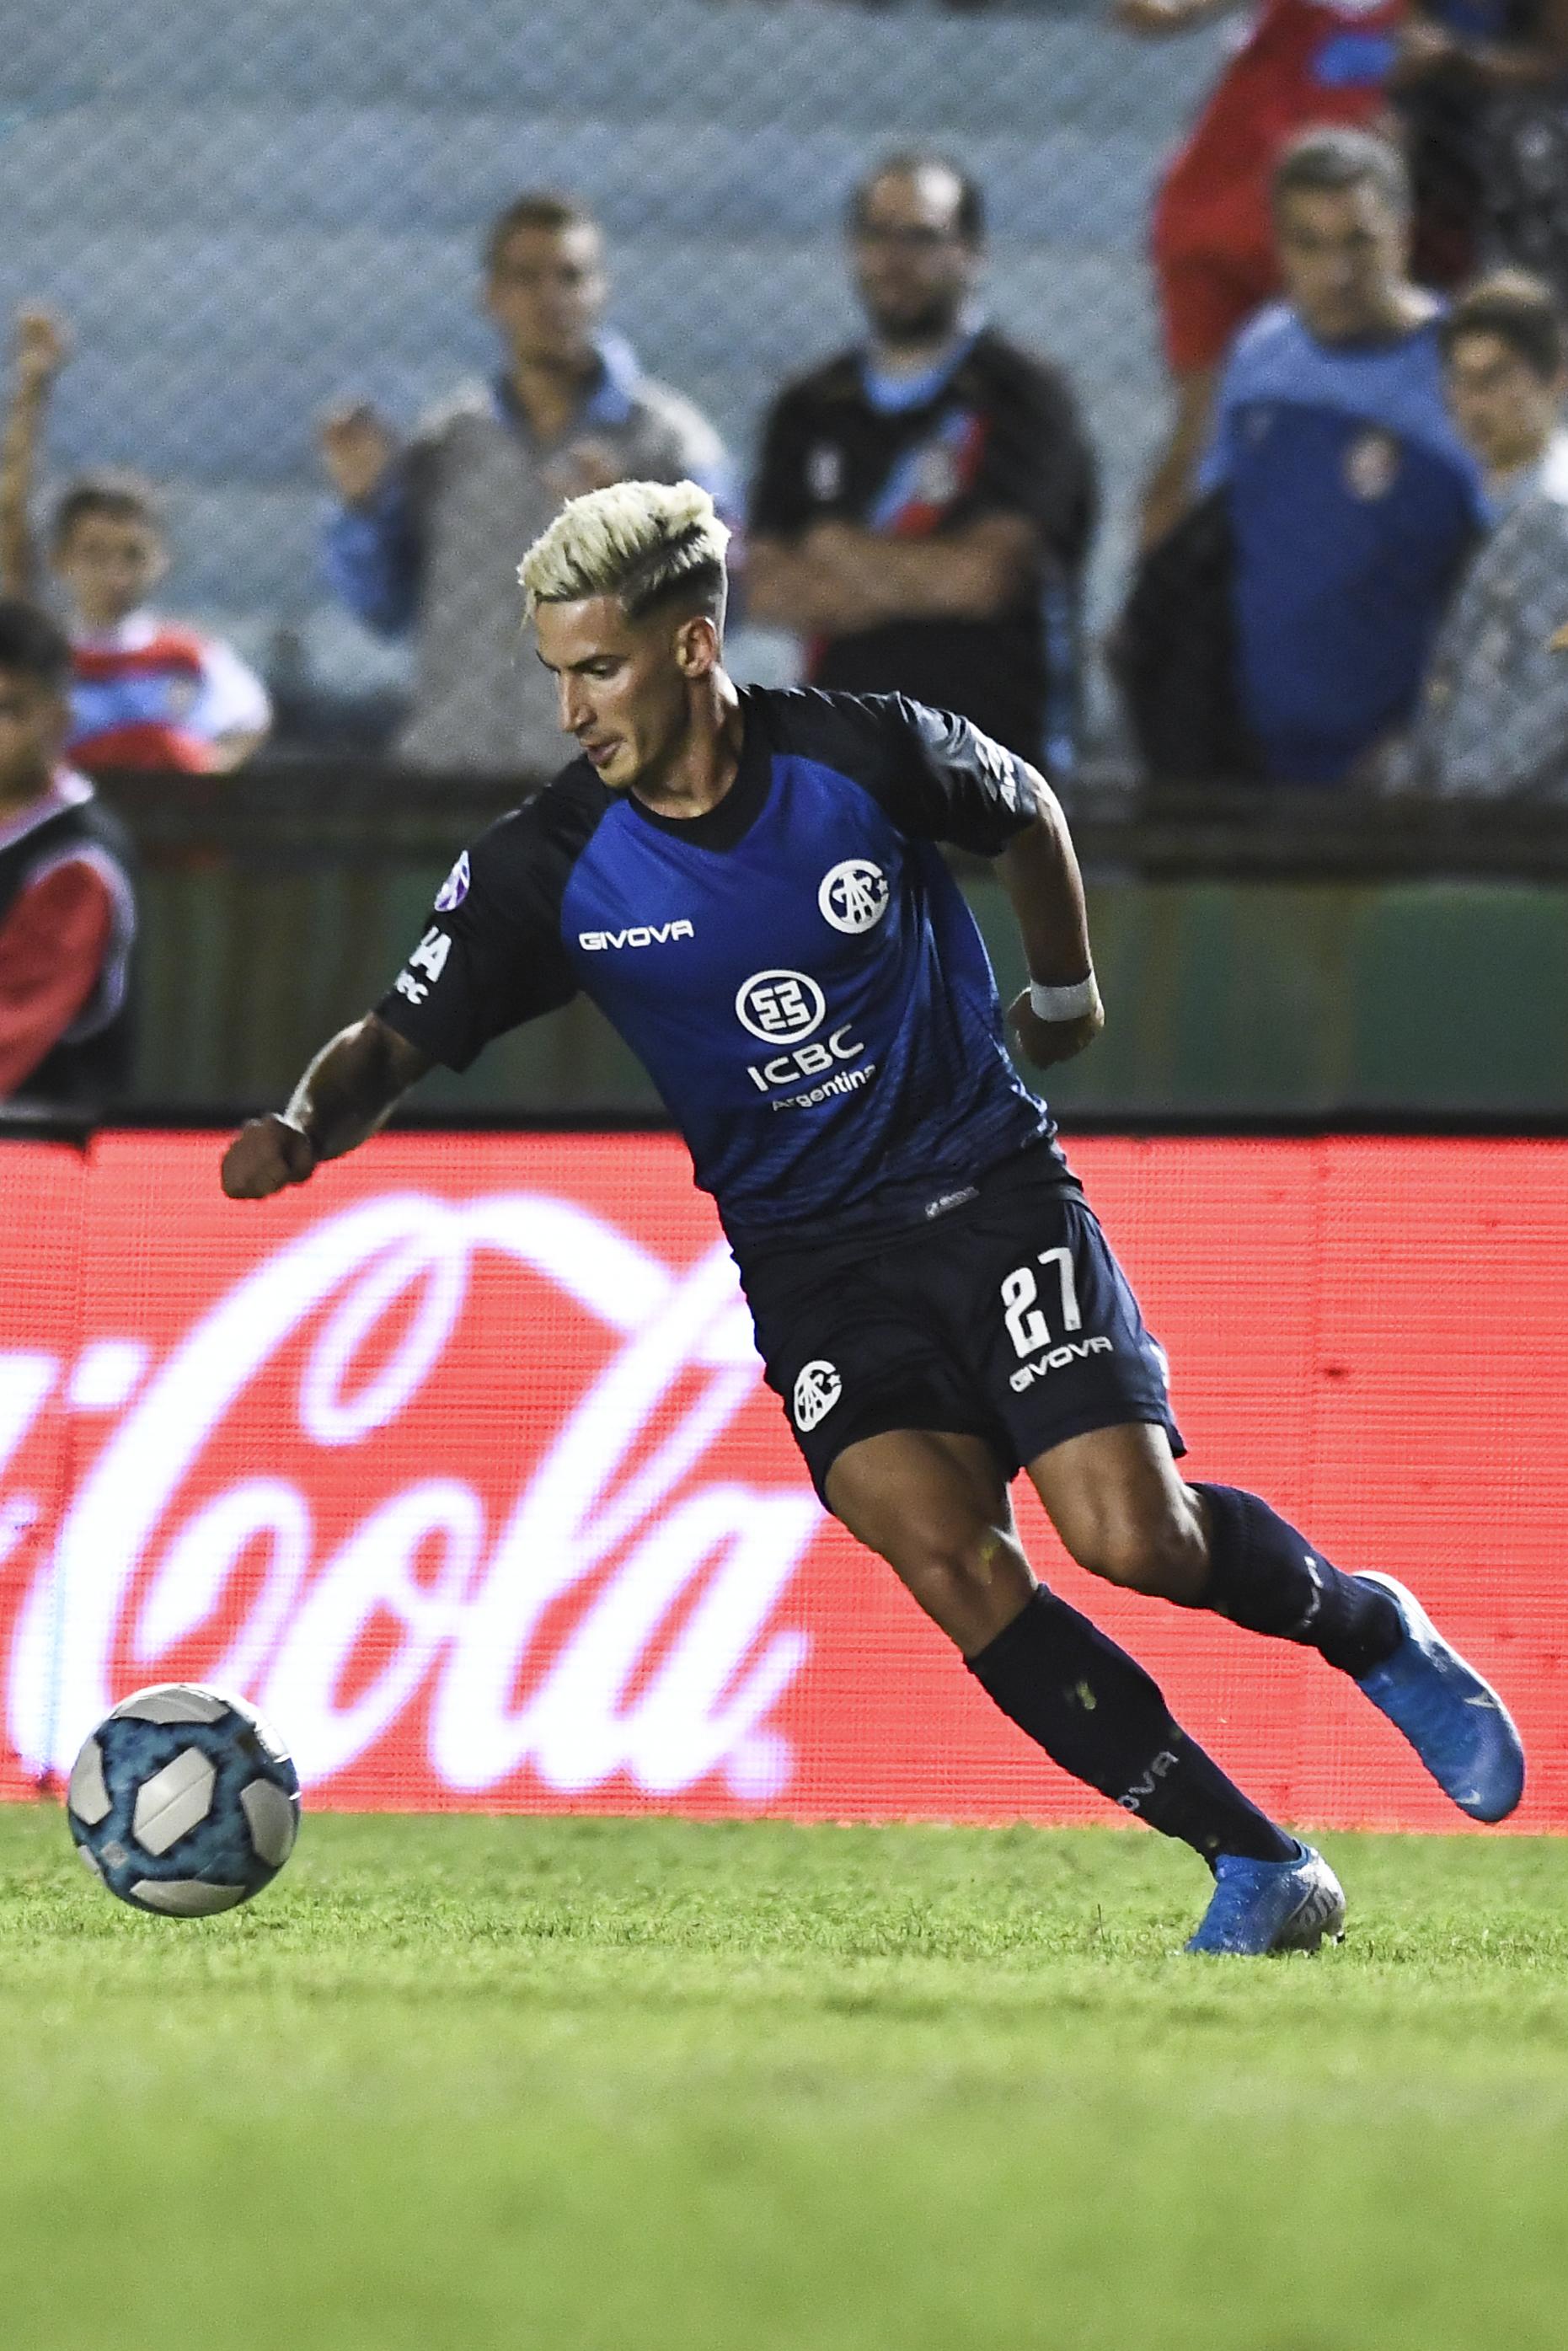 Arsenal v Talleres de Cordoba - Superliga 2019/20